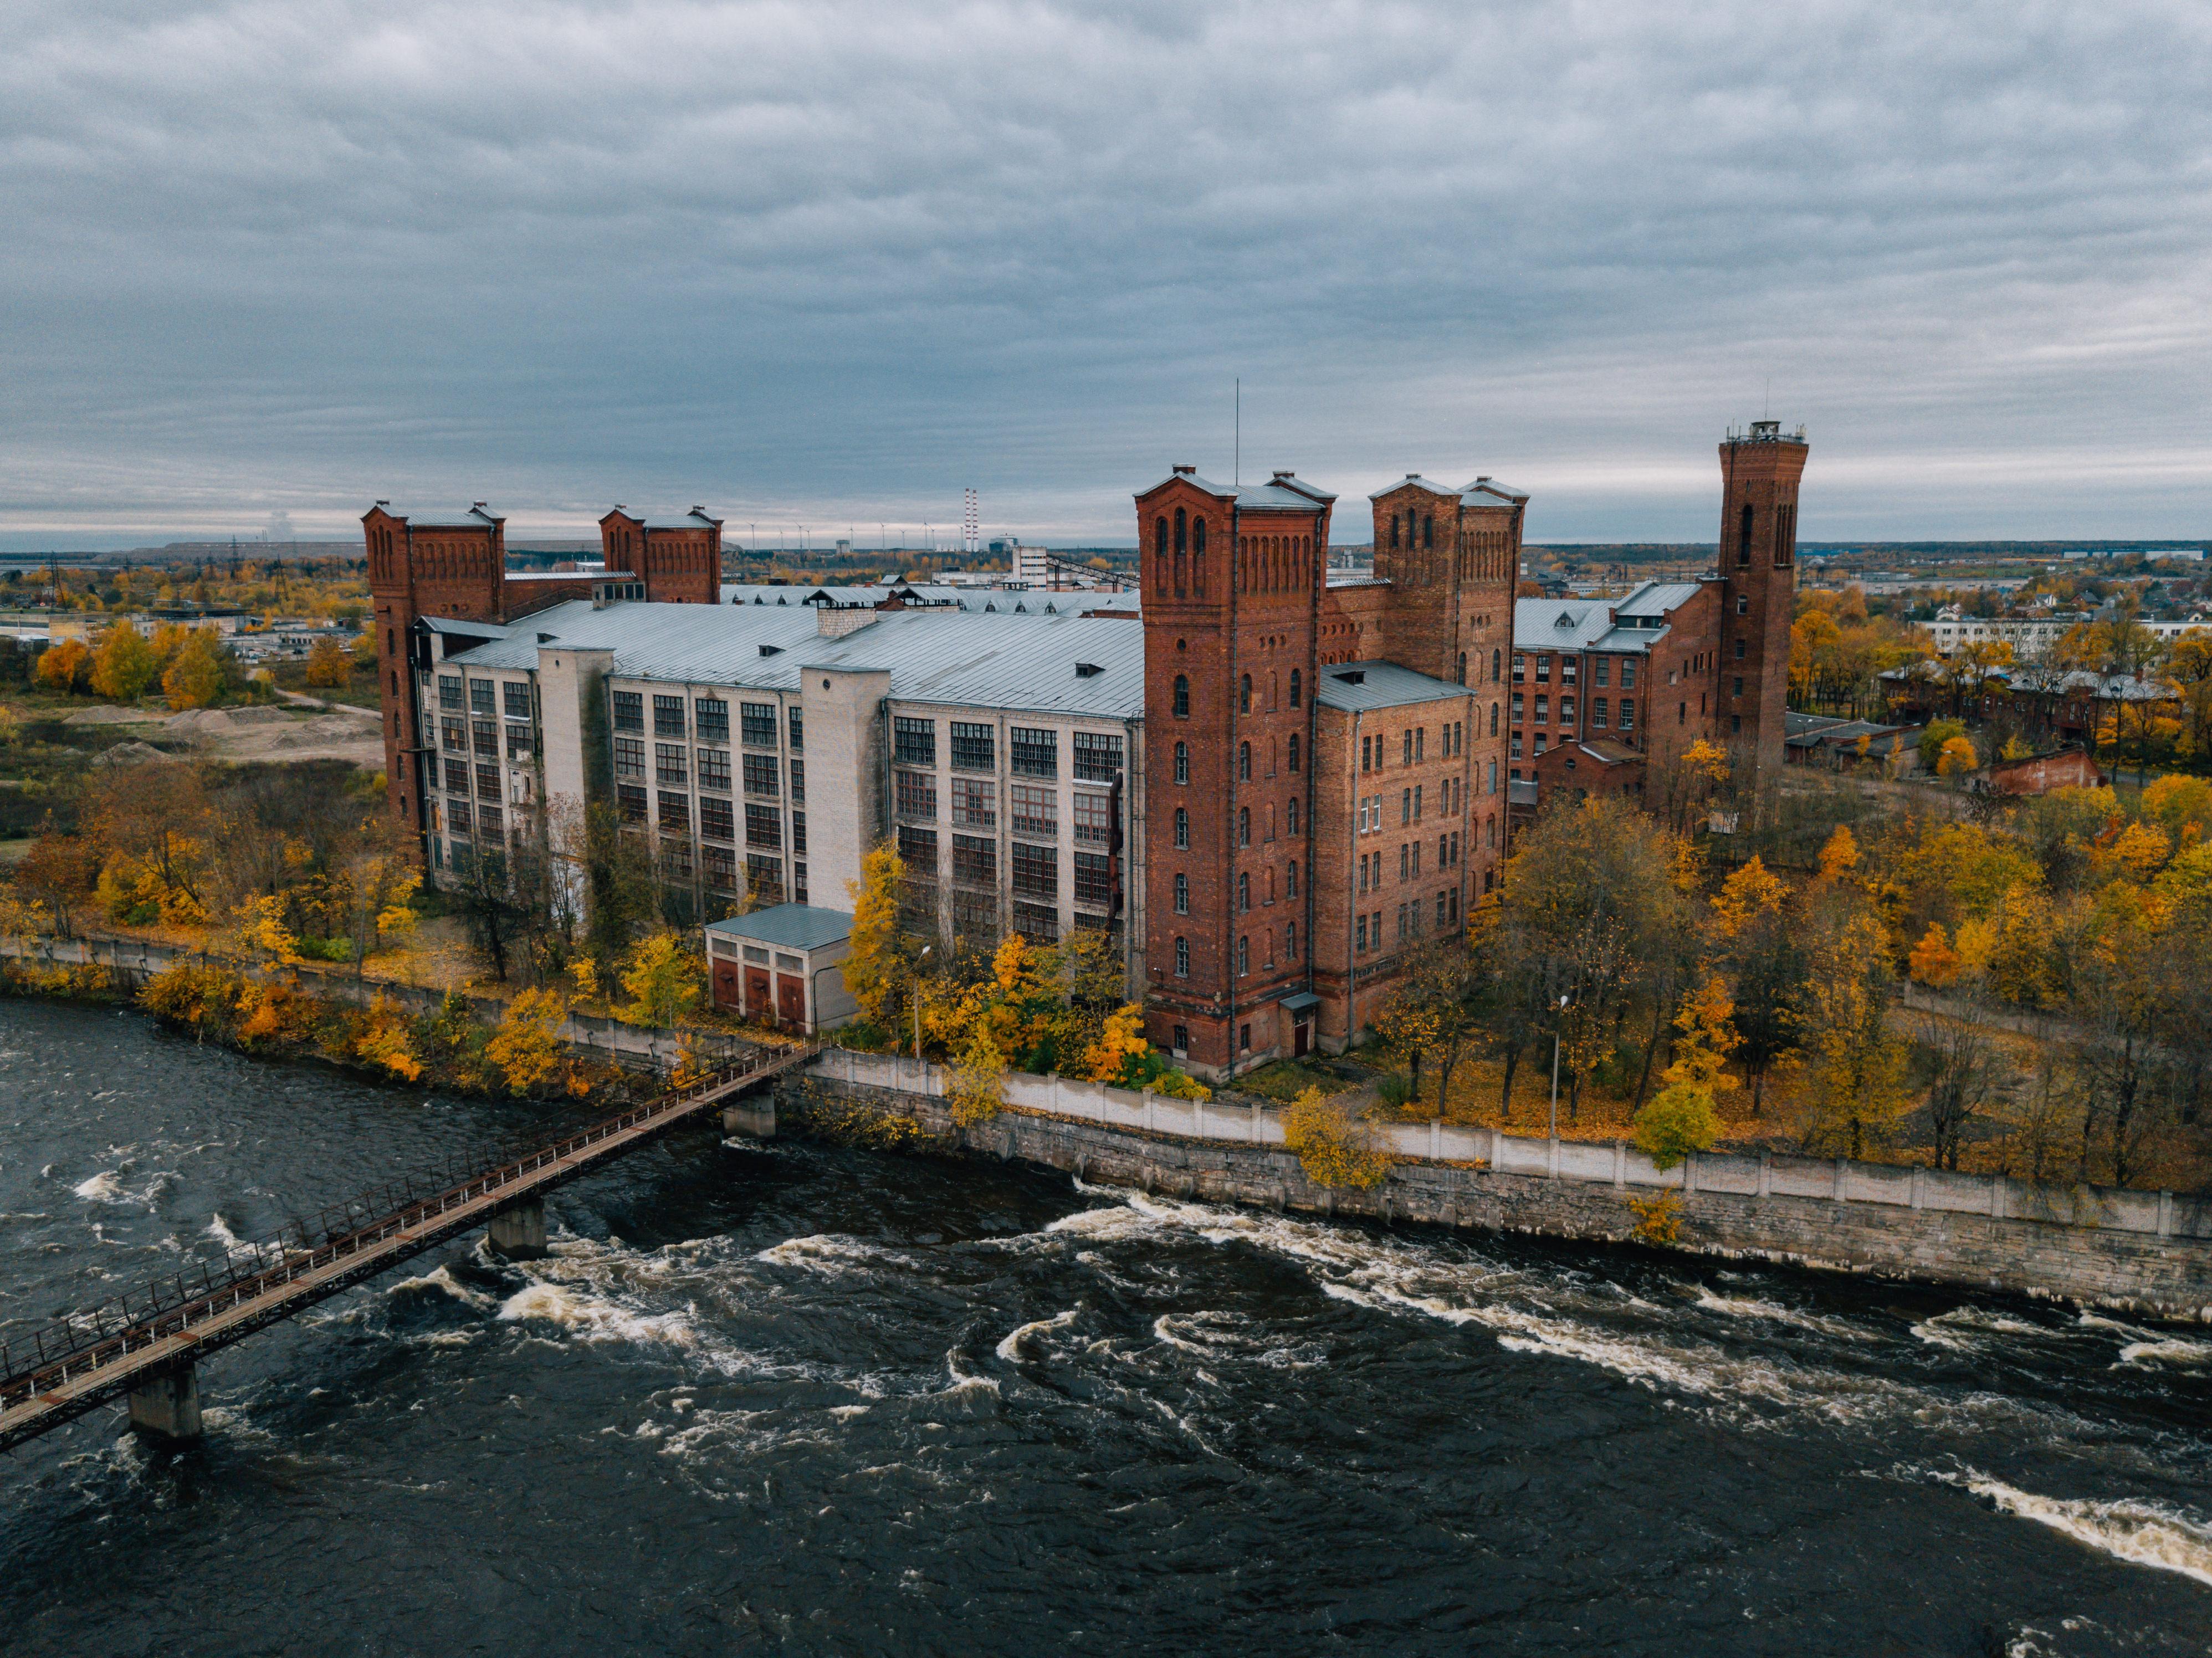 Endise Kreenholmi tehasekompleks. Foto: Tõnu Tunnel